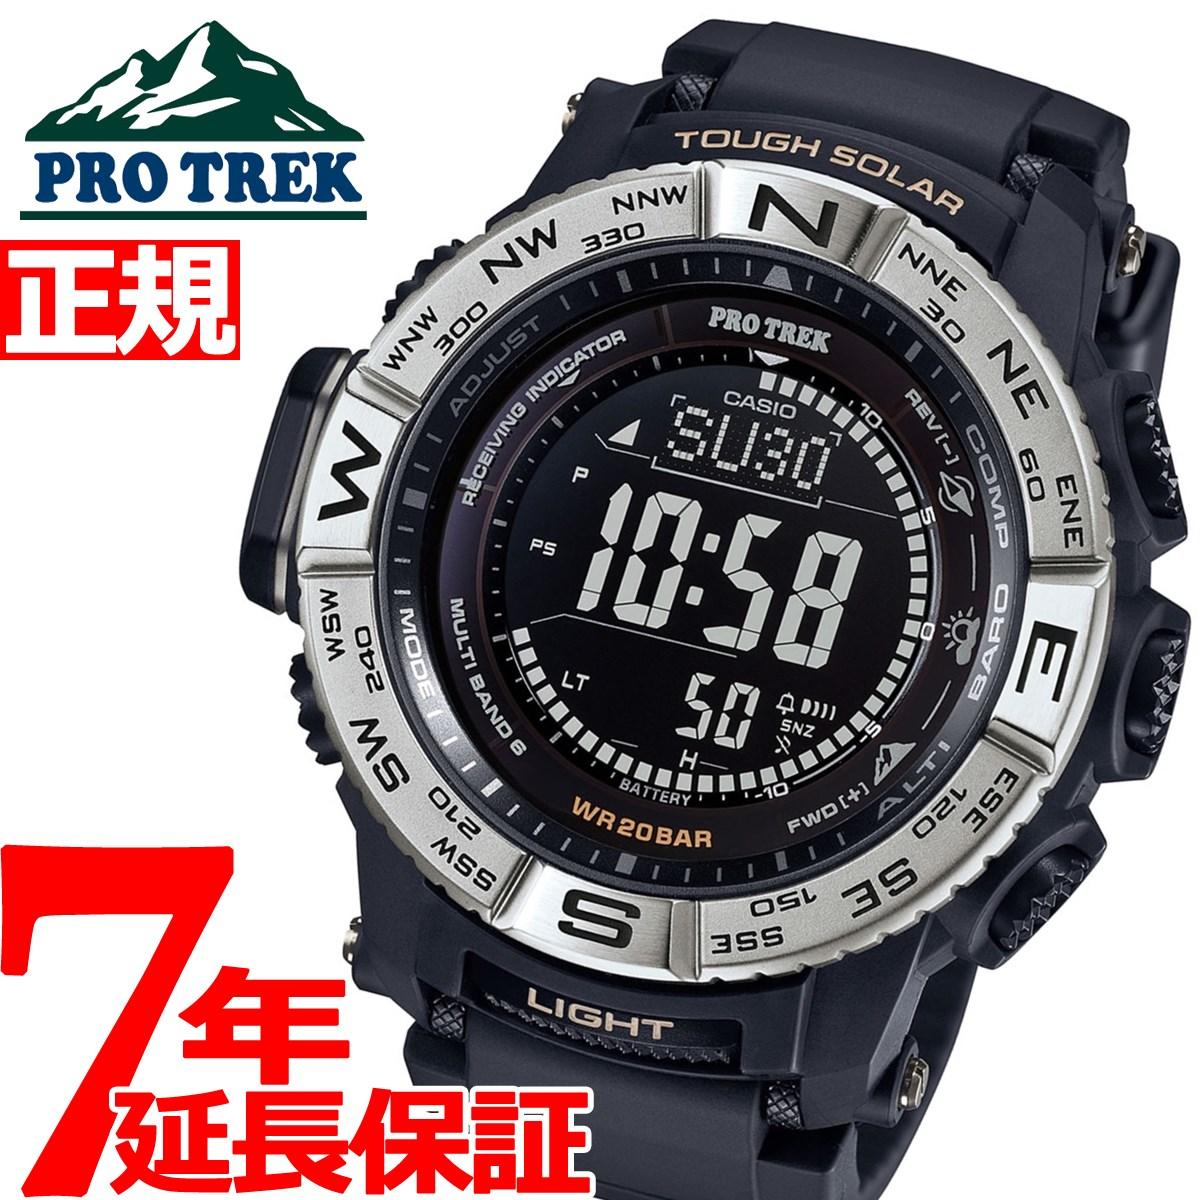 2ac9b61643 カシオ プロトレック CASIO PRO TREK 電波 ソーラー 電波時計 腕時計 メンズ デジタル タフソーラー  PRW-3510-1JF最新のセンサーシステム「トリプルセンサーVer.3」を ...